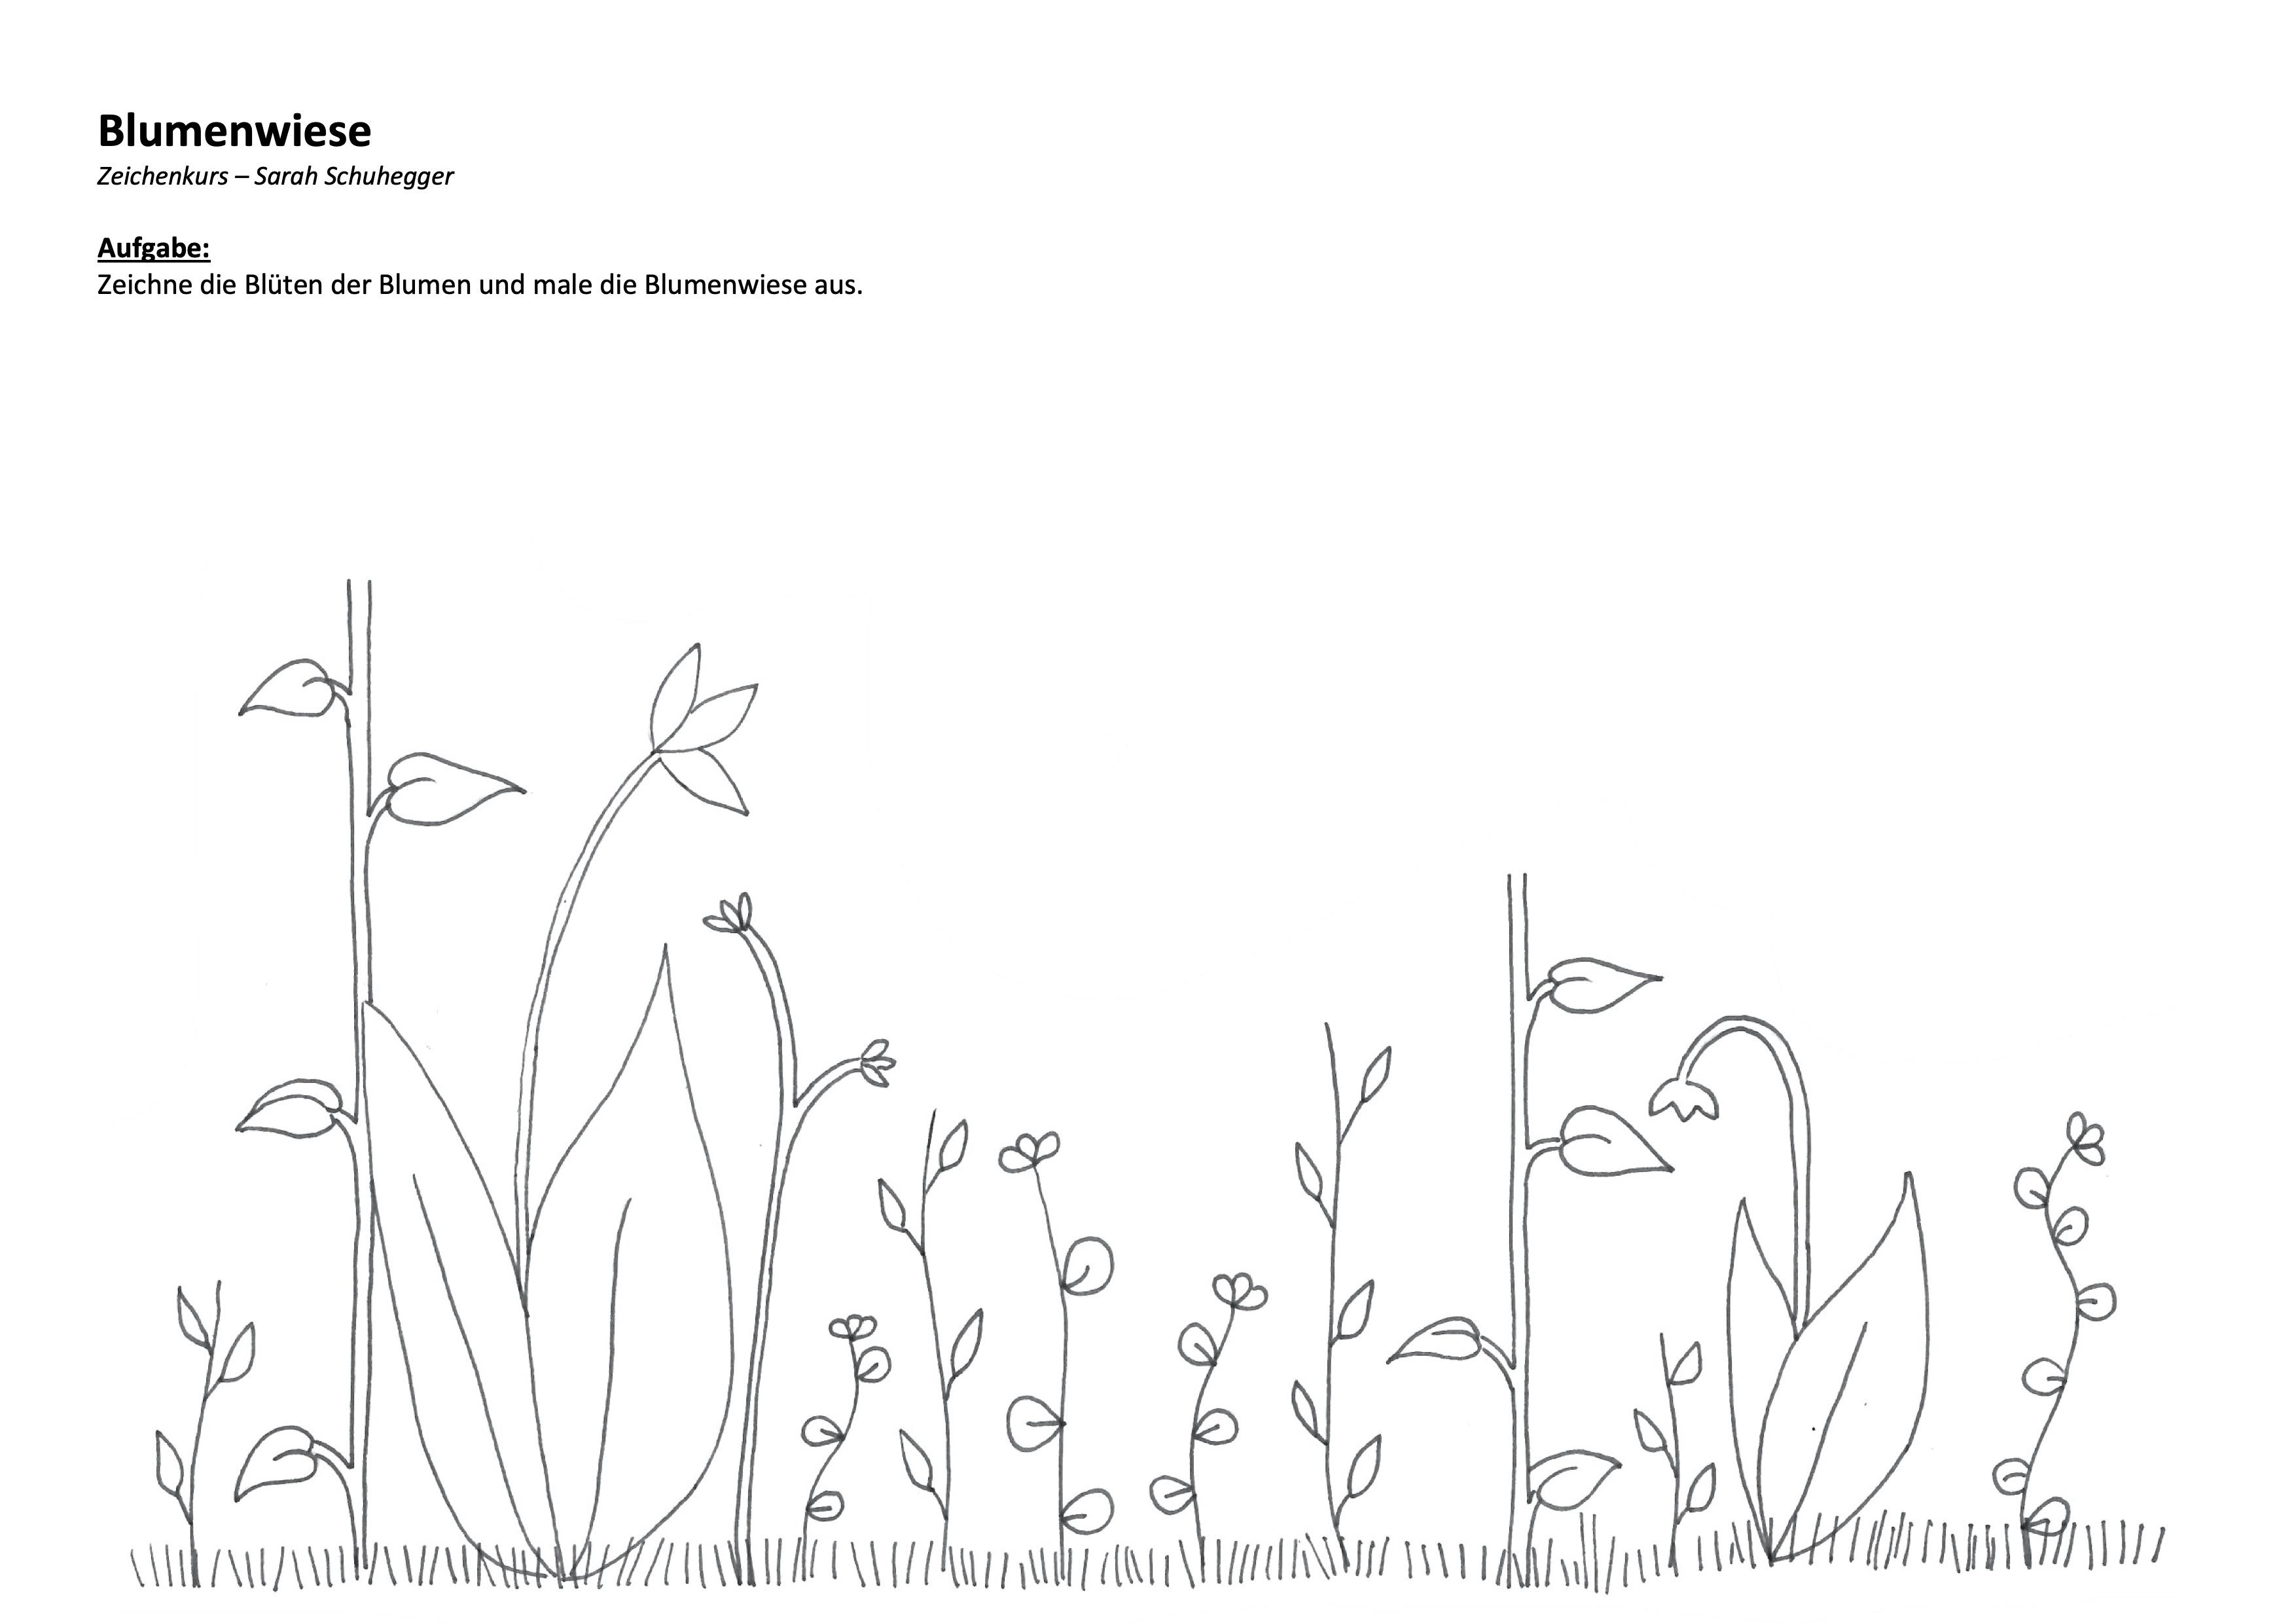 Blumenwiese zeichnen